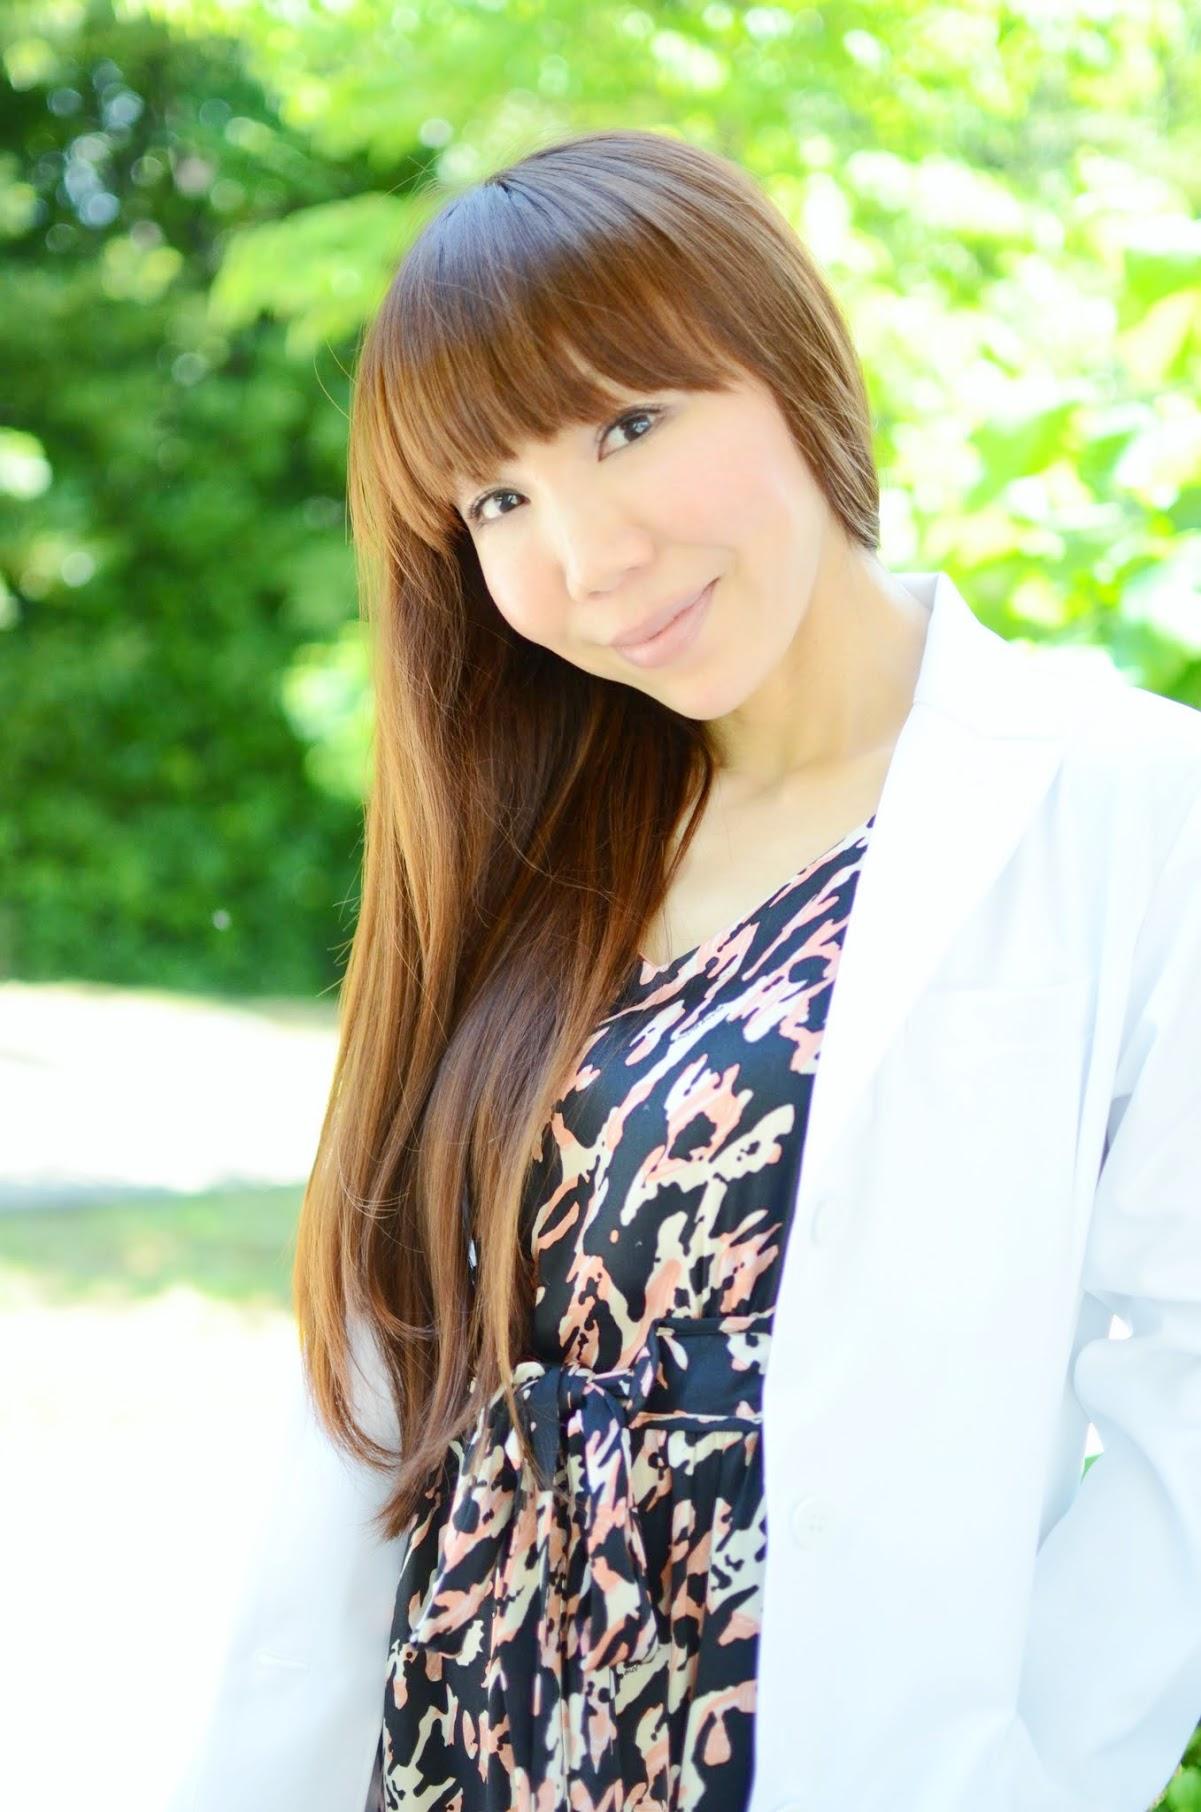 田嶋先生顔写真